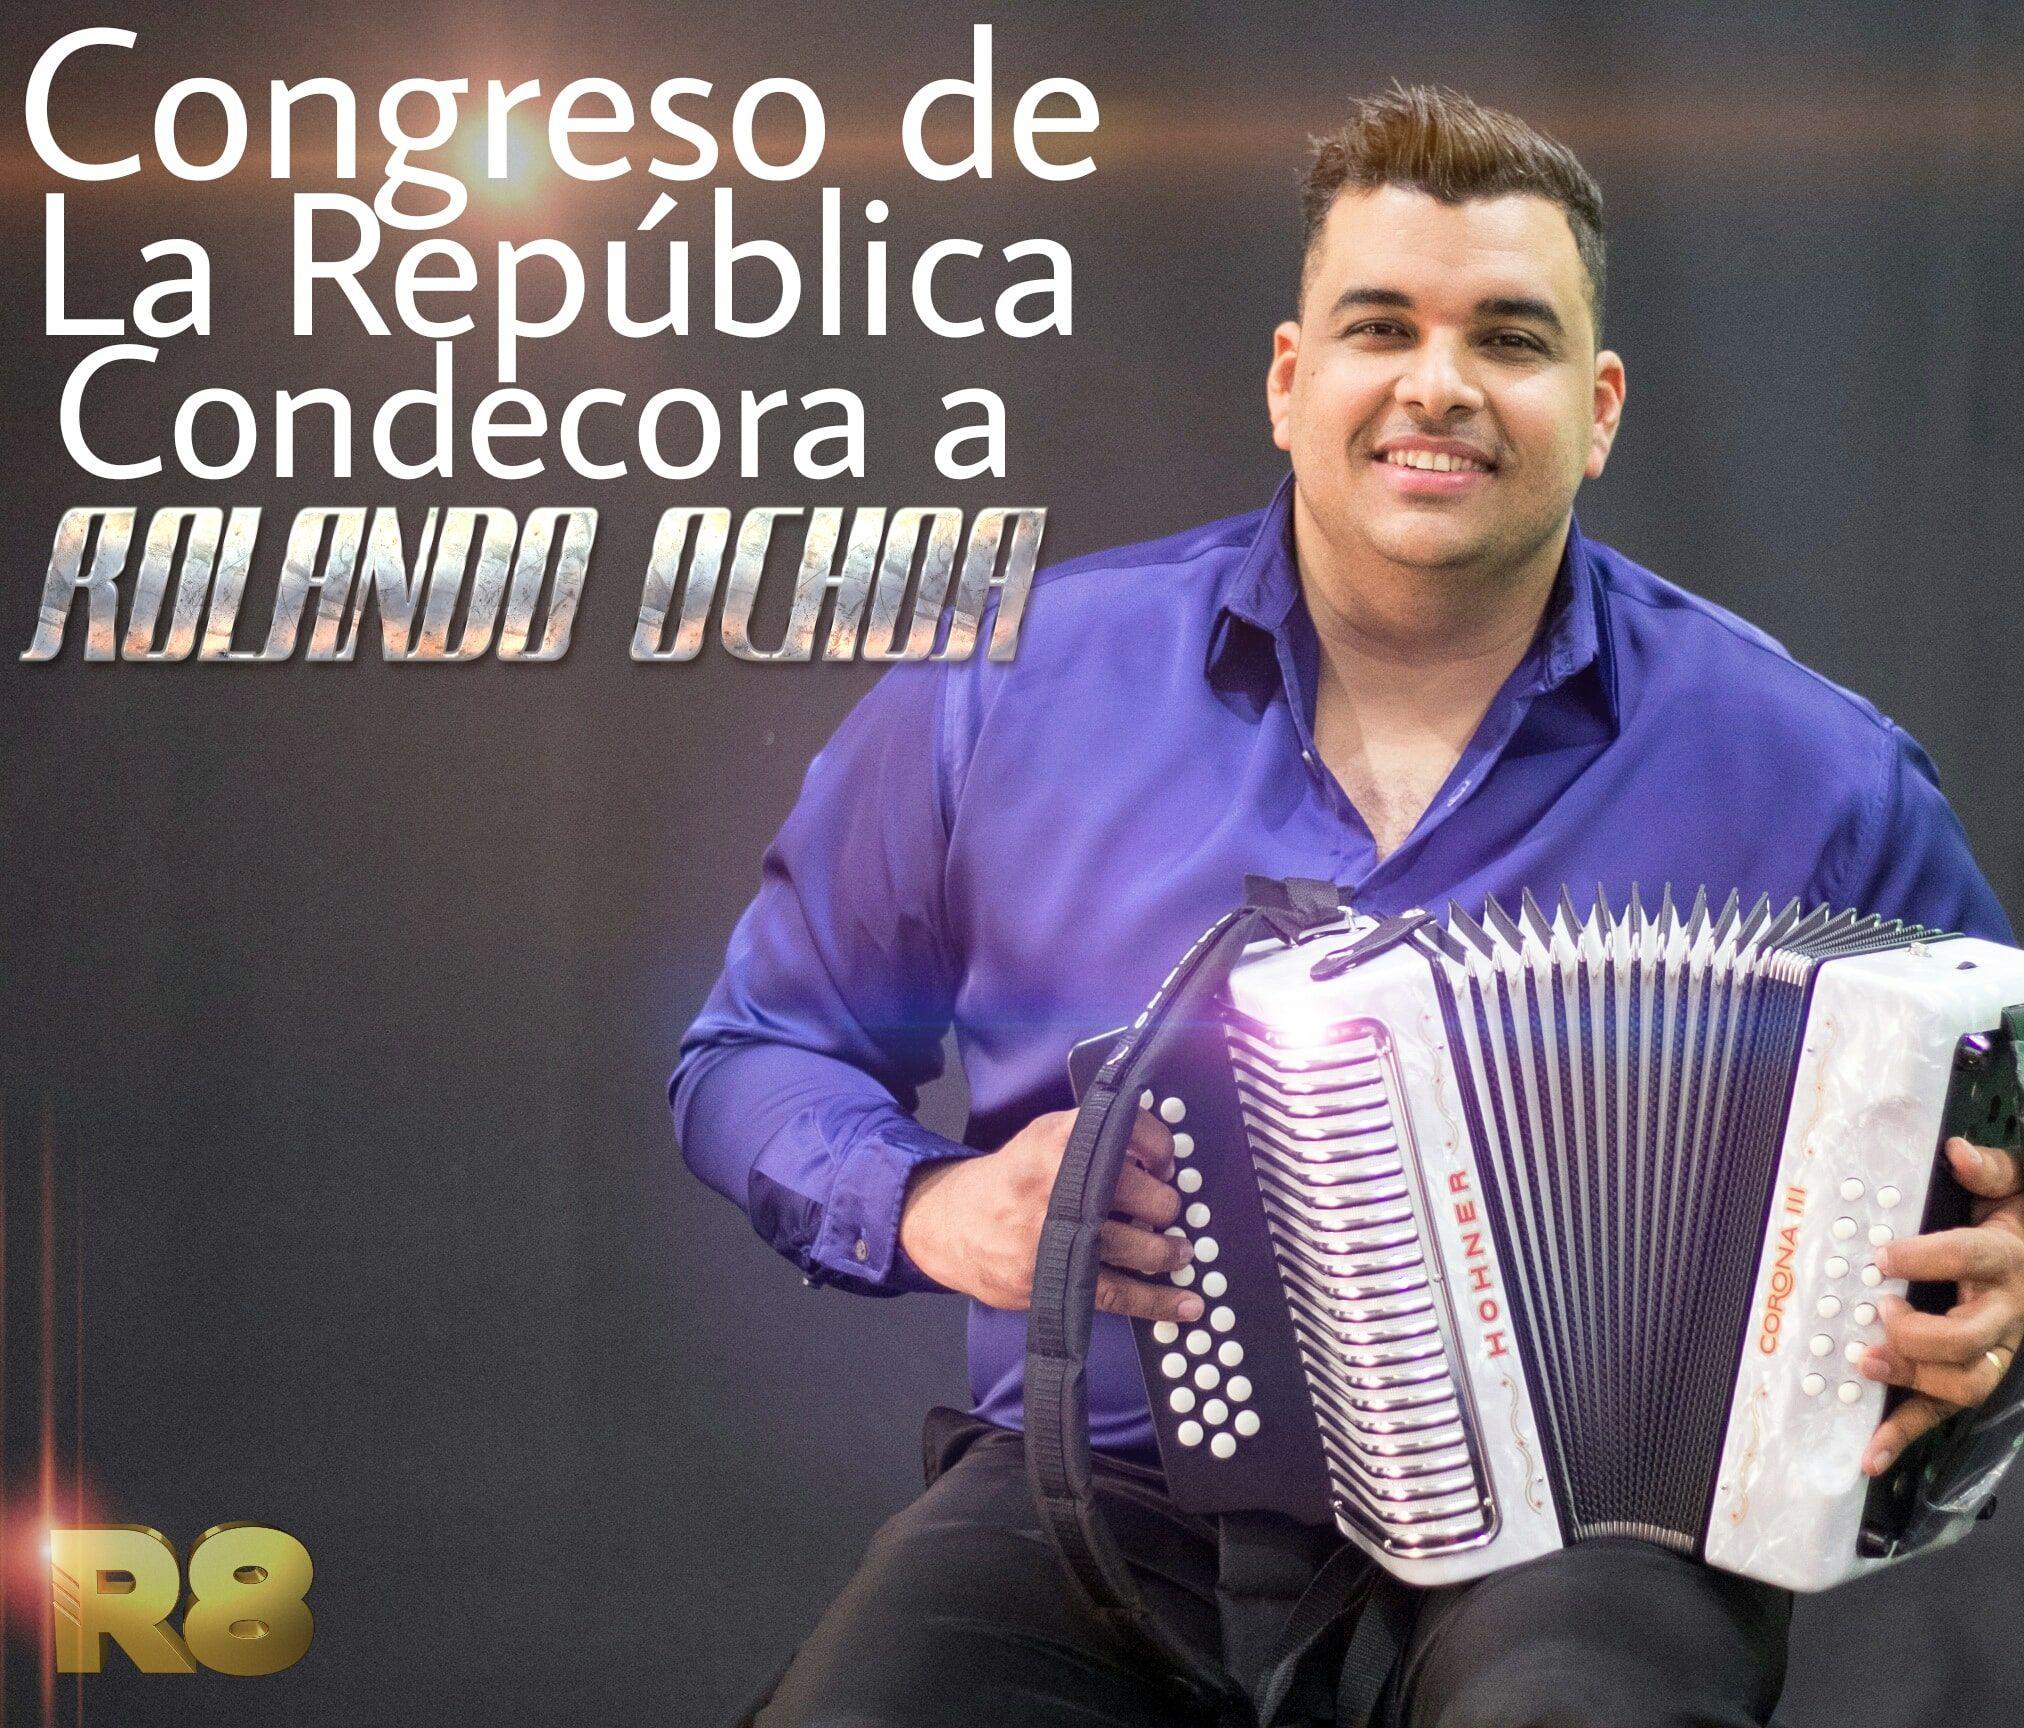 Congreso de la republica condecora a Rolando Ochoa